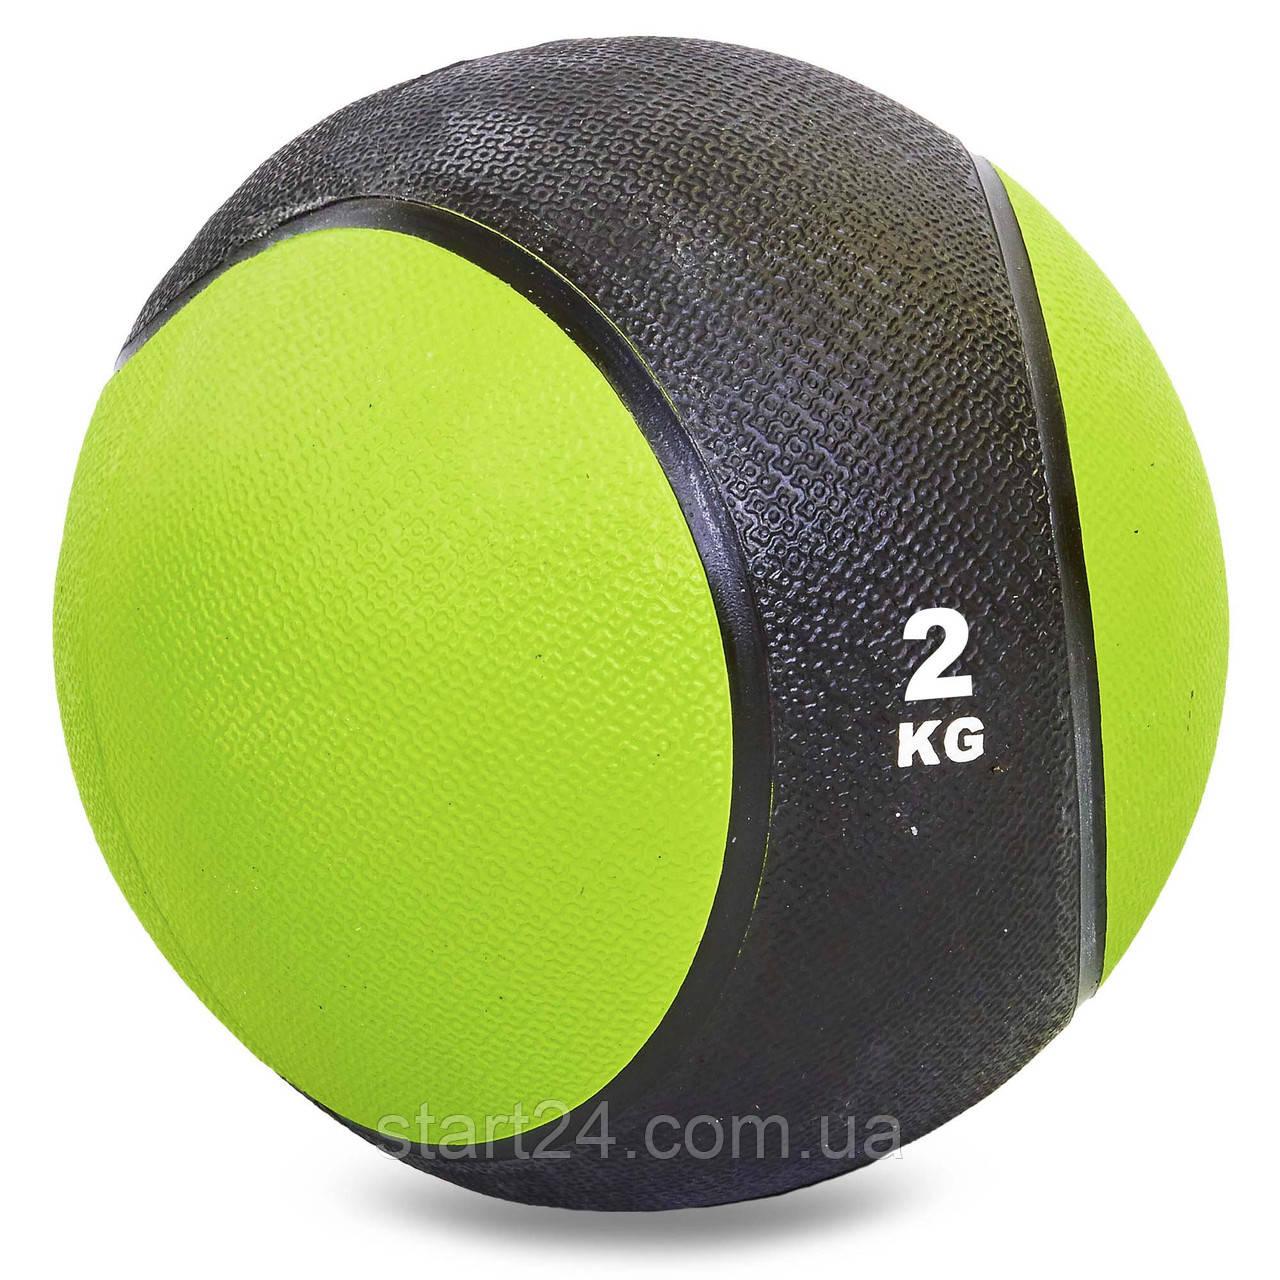 Мяч медицинский медбол Record Medicine Ball C-2660-2 2кг (верх-резина, наполнитель-песок, d-19,5см, цвета в